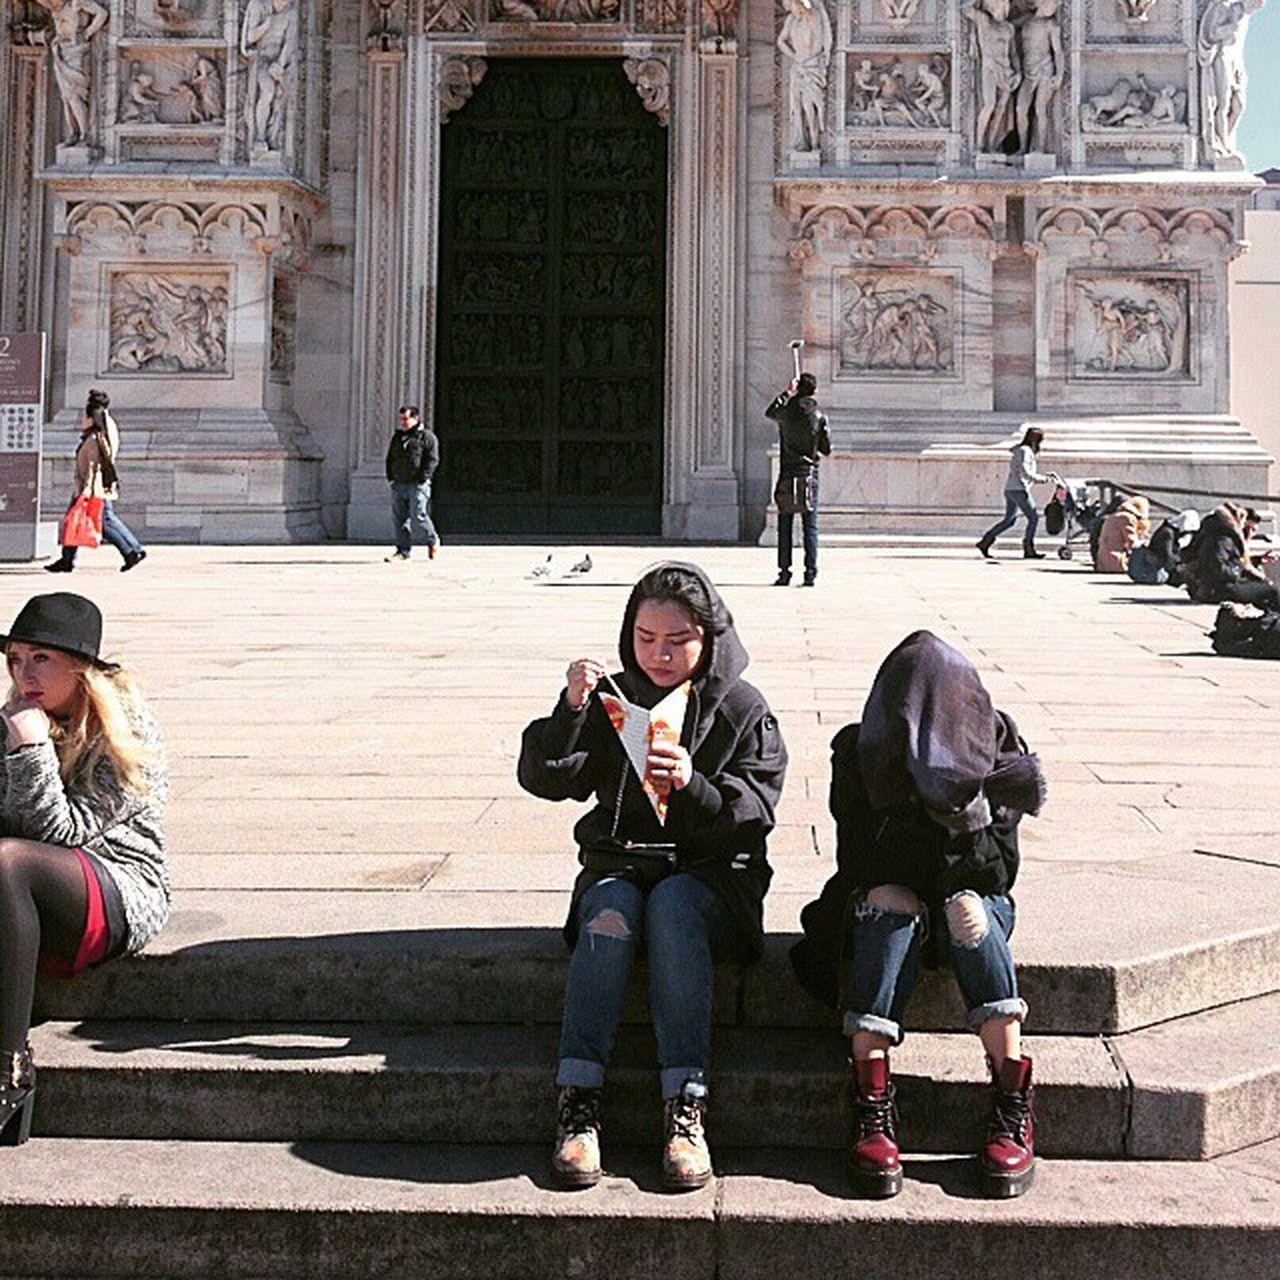 Streetfood Hiddenface Fashionable Duomo Milan Selfie